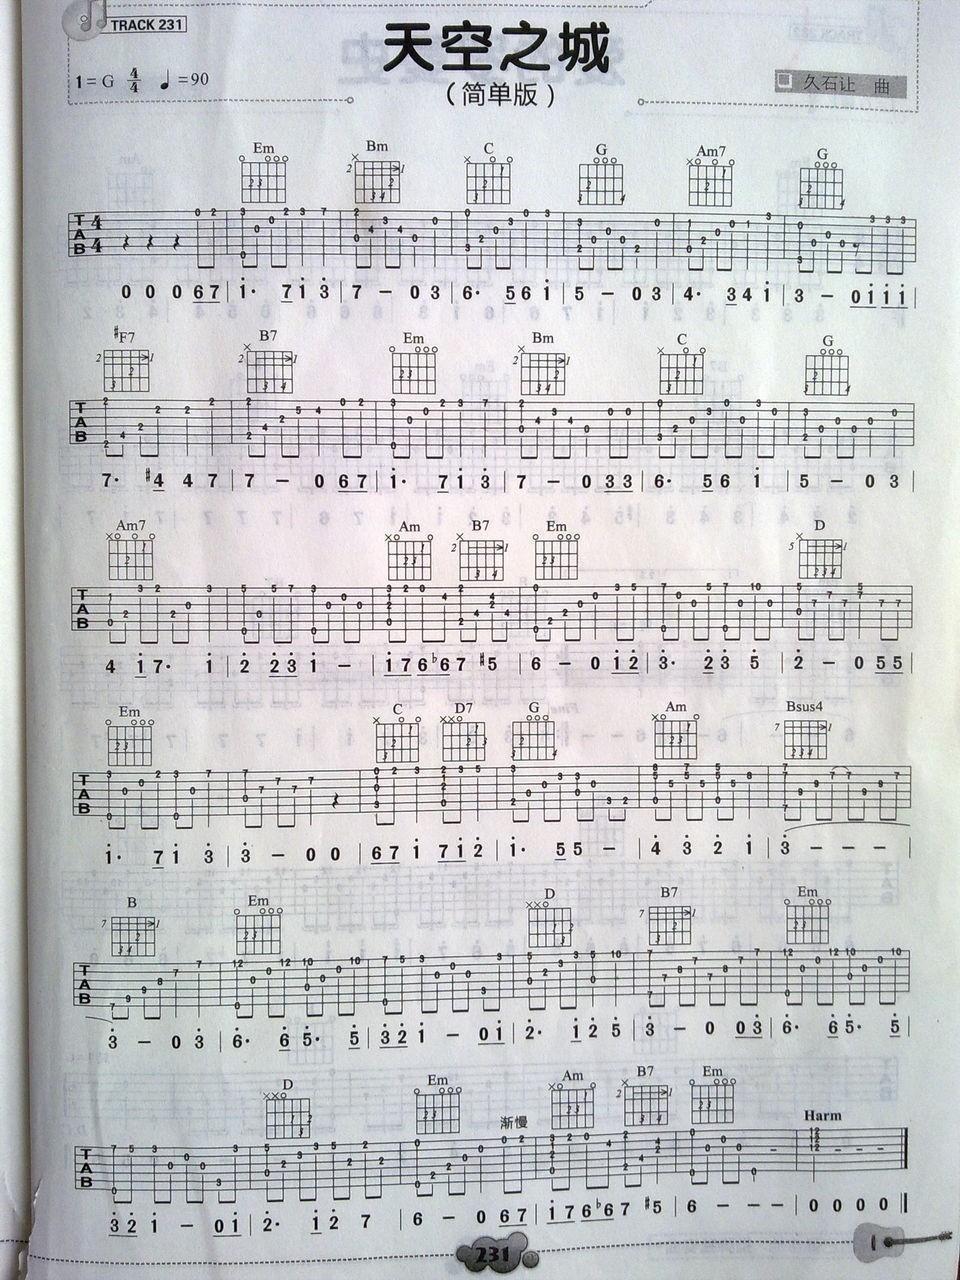 单弦吉他谱_吉他单弦_天空之城吉他单弦谱